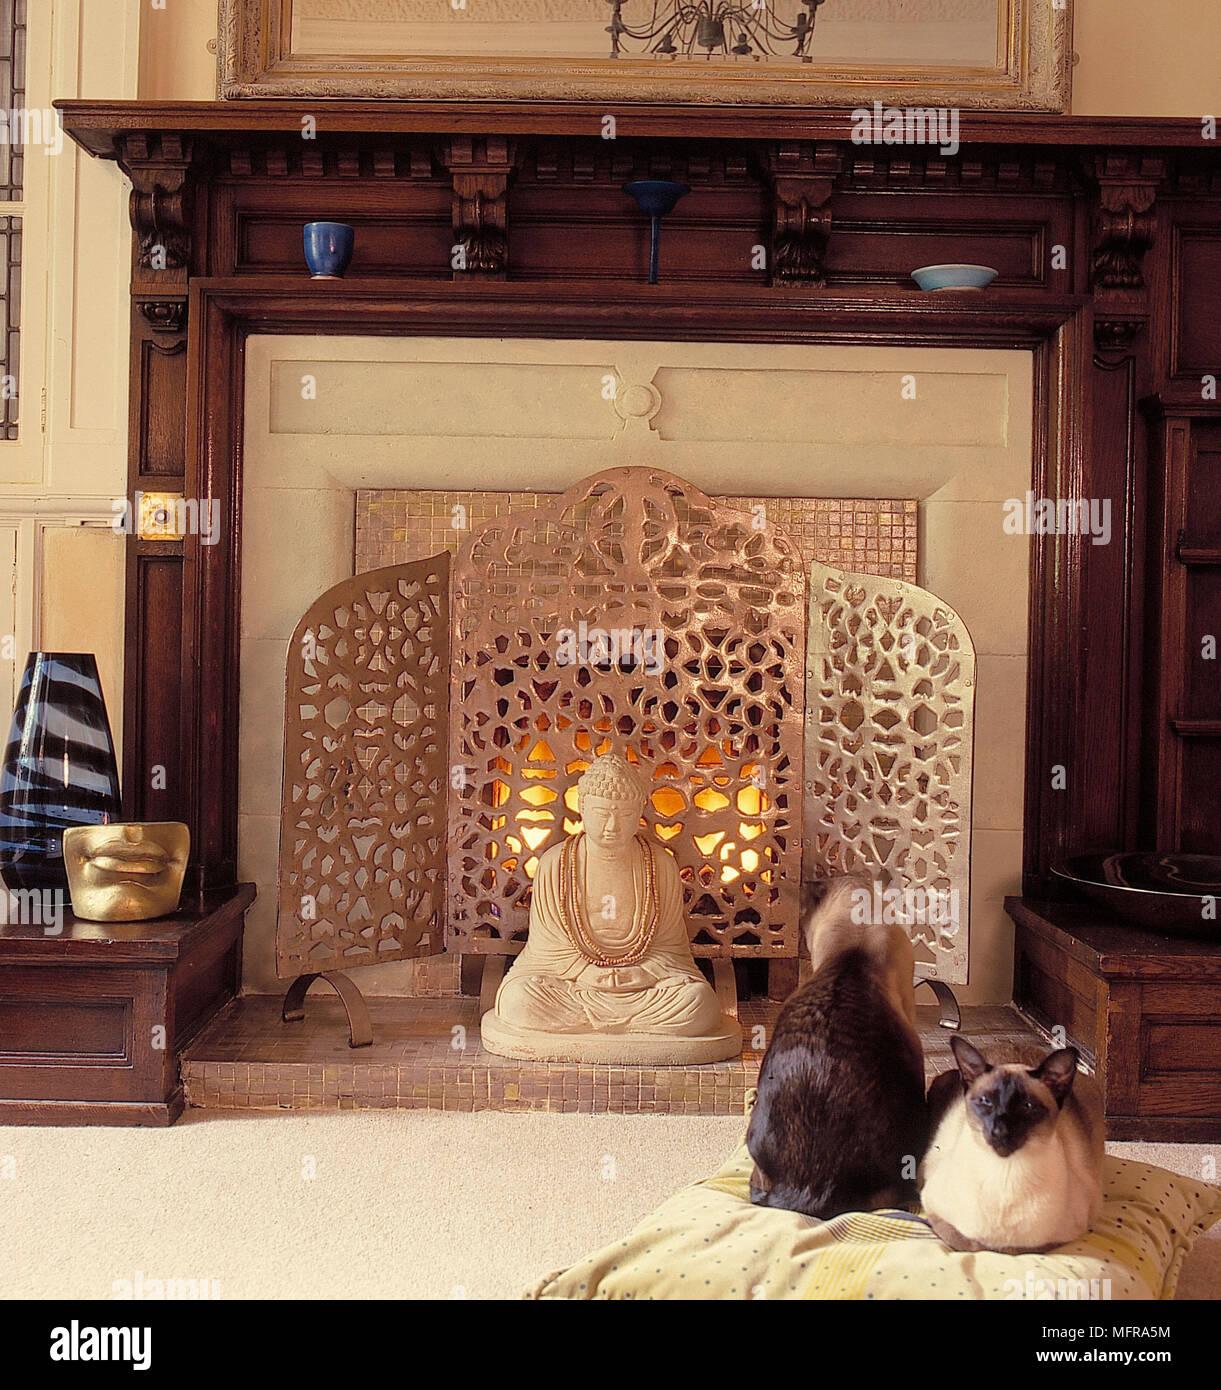 Wohnzimmer detail traditionellen Kamin aus dunklem Holz ...